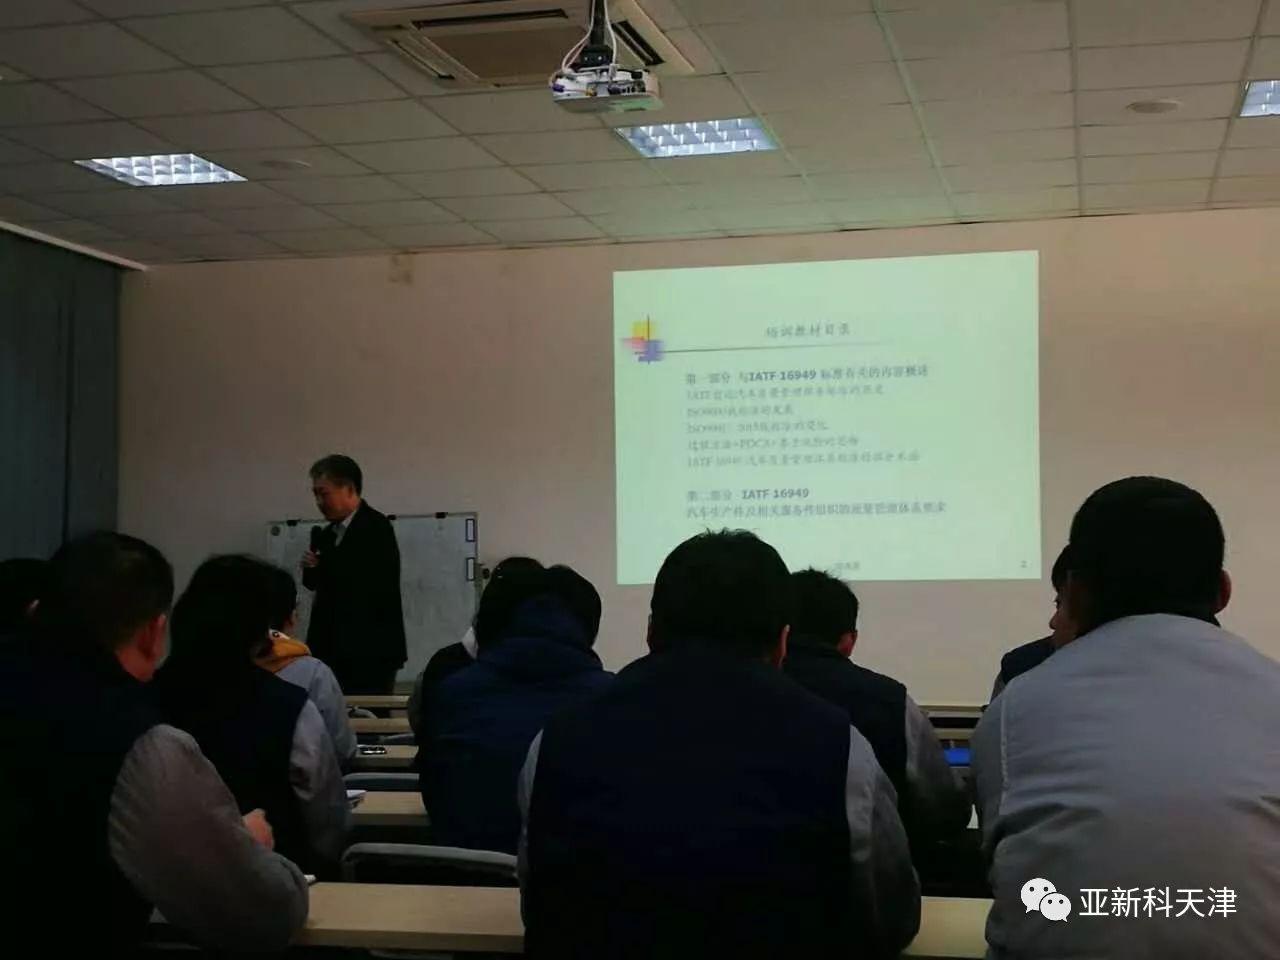 亚新科天津开展 IATF16949 内审员培训